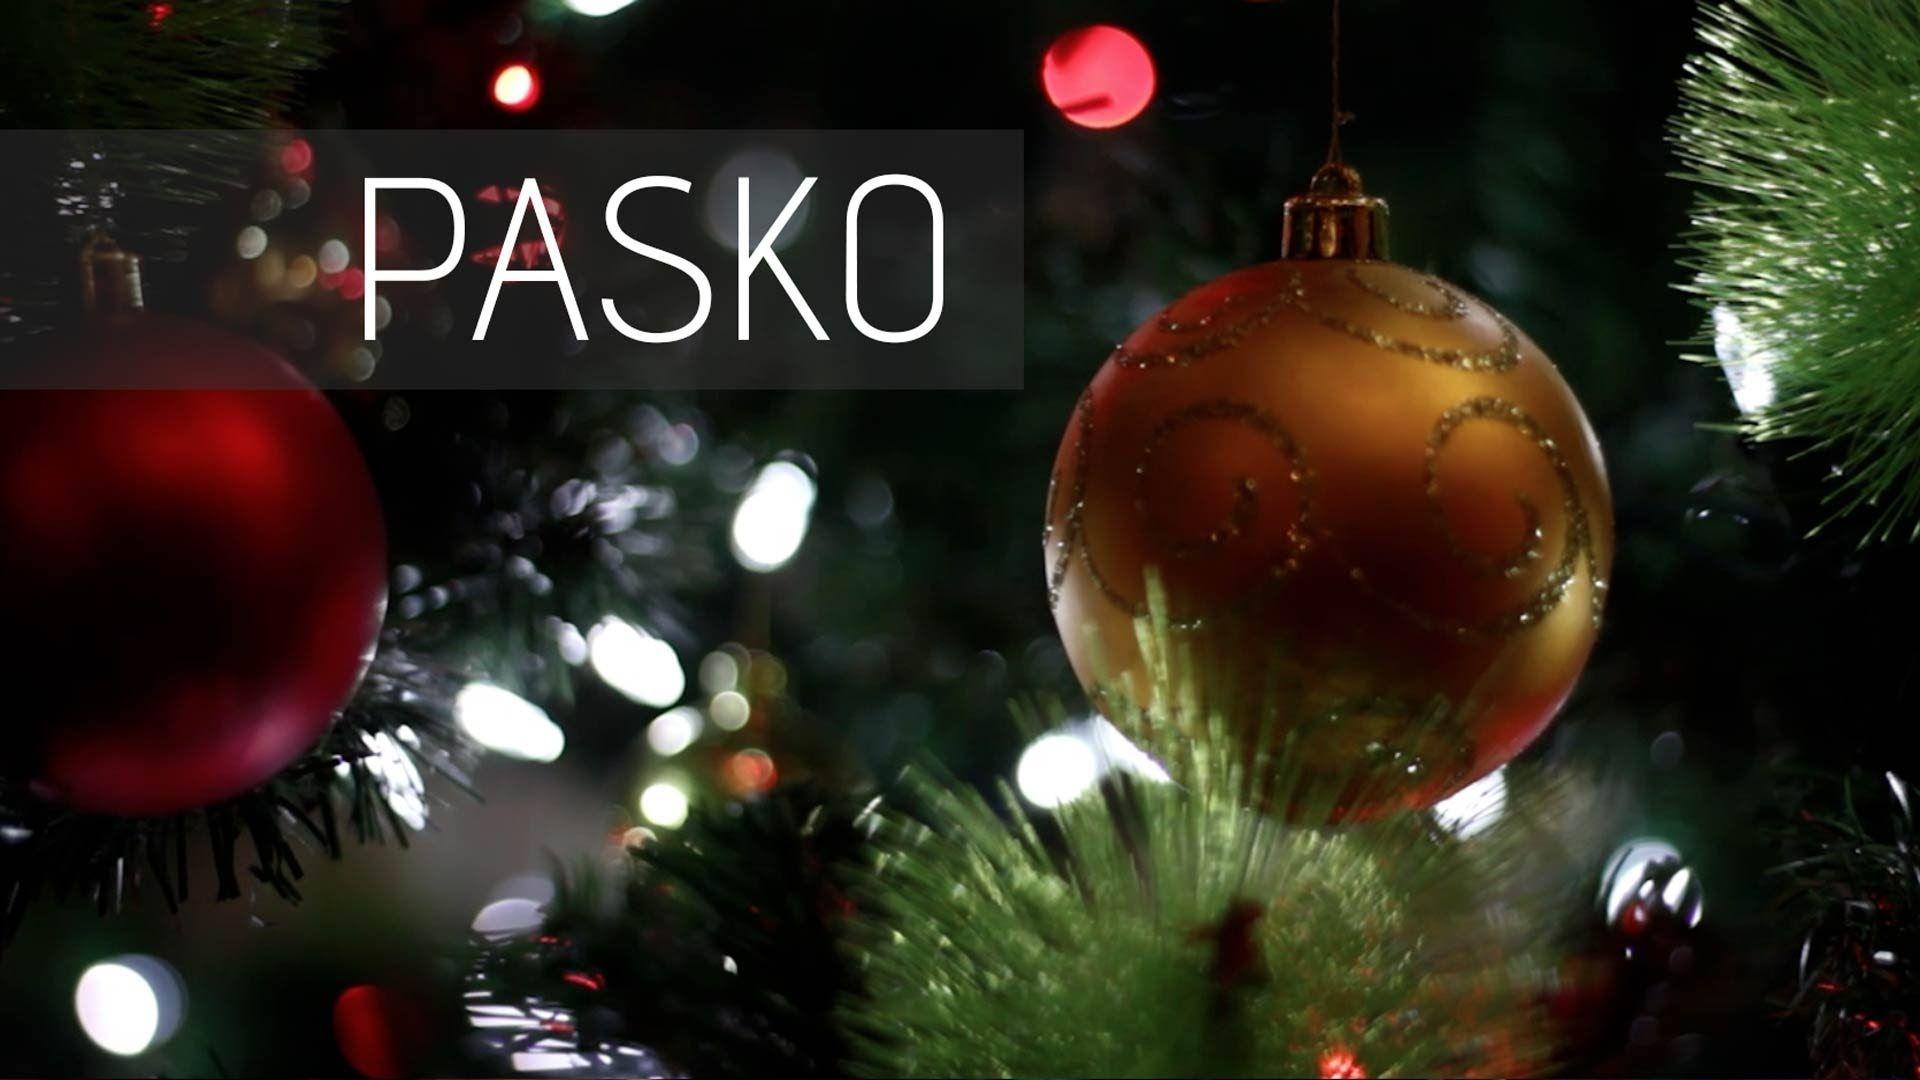 Pasko A Filipino Christmas Christmas bulbs, Christmas